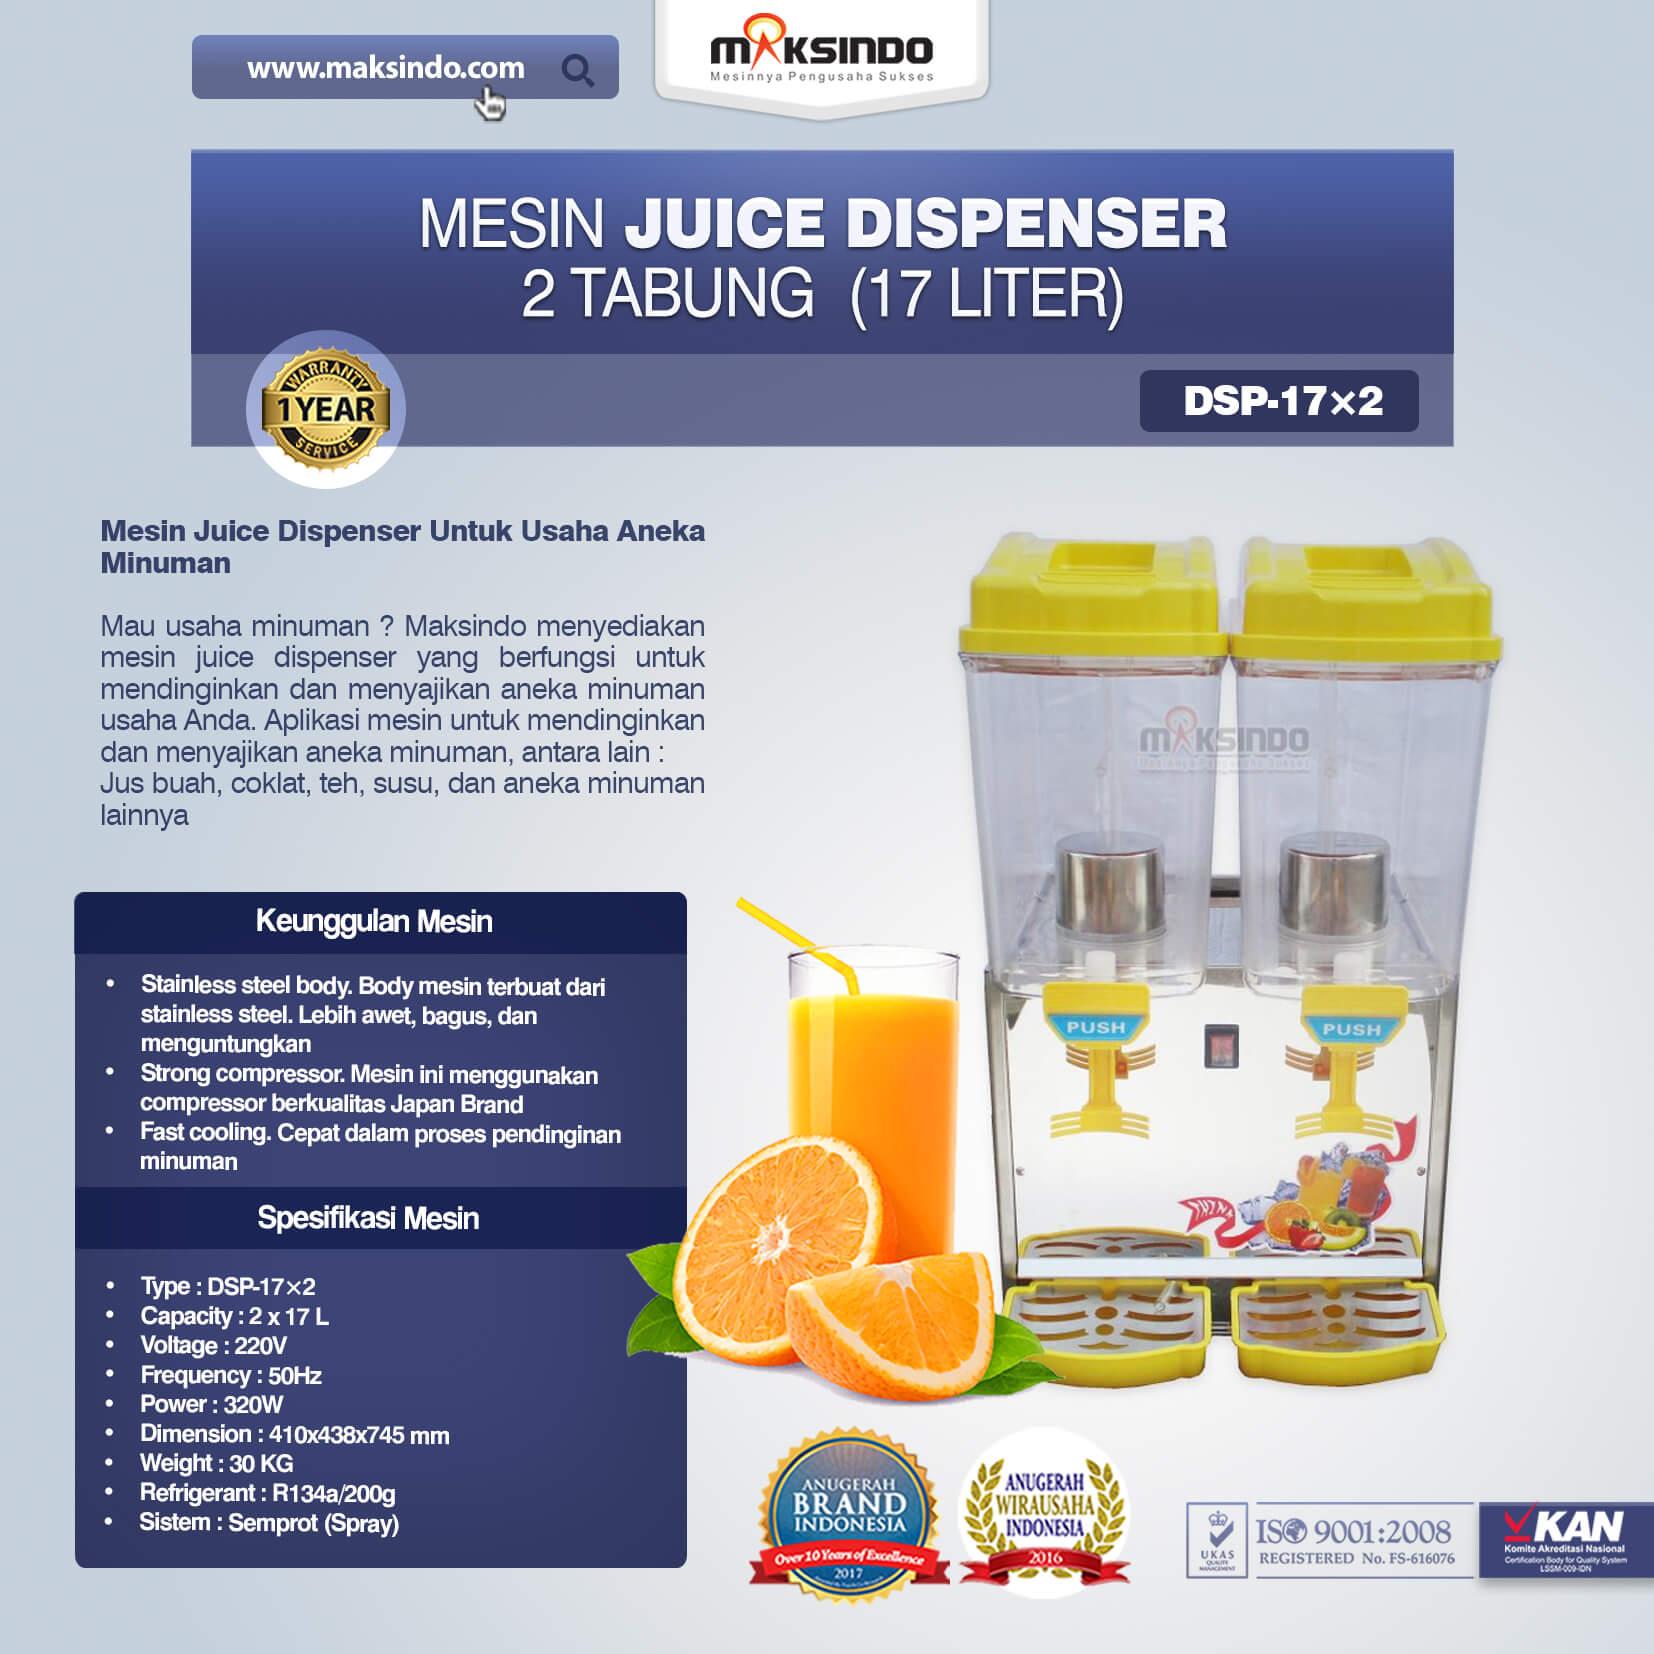 Jual Mesin Juice Dispenser 2 Tabung (17 Liter) – DSP17x2 di Palembang